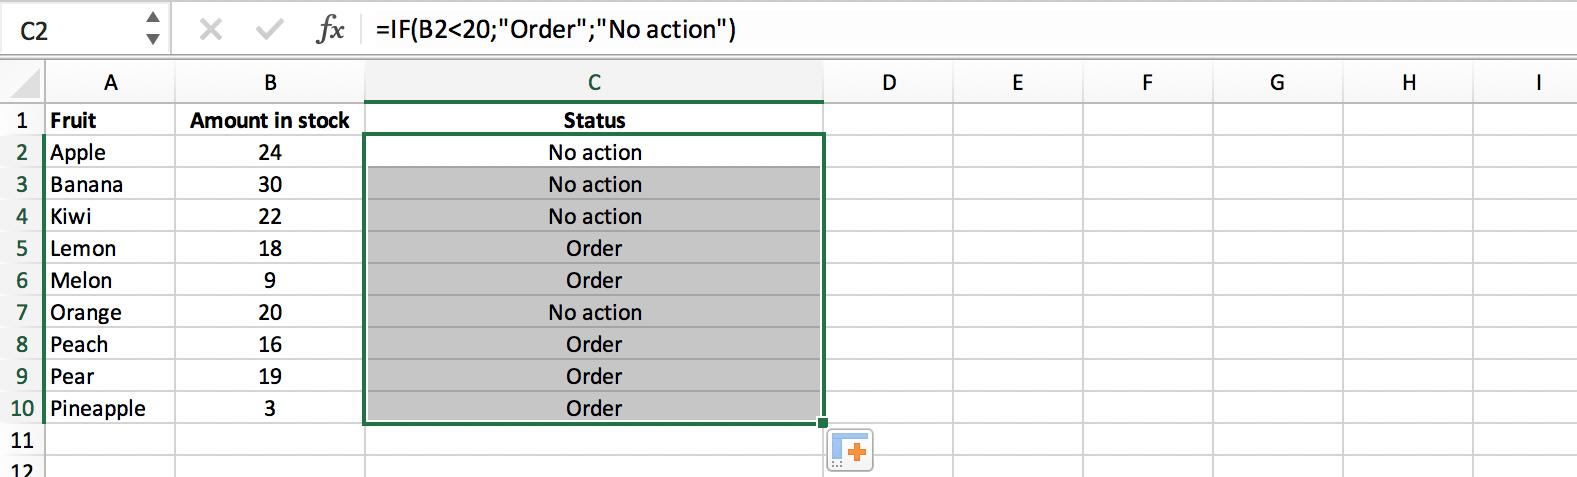 ALS functie (IF) in Excel uitbreiden // Verklarende Woordenlijst Exel // PerfectXL